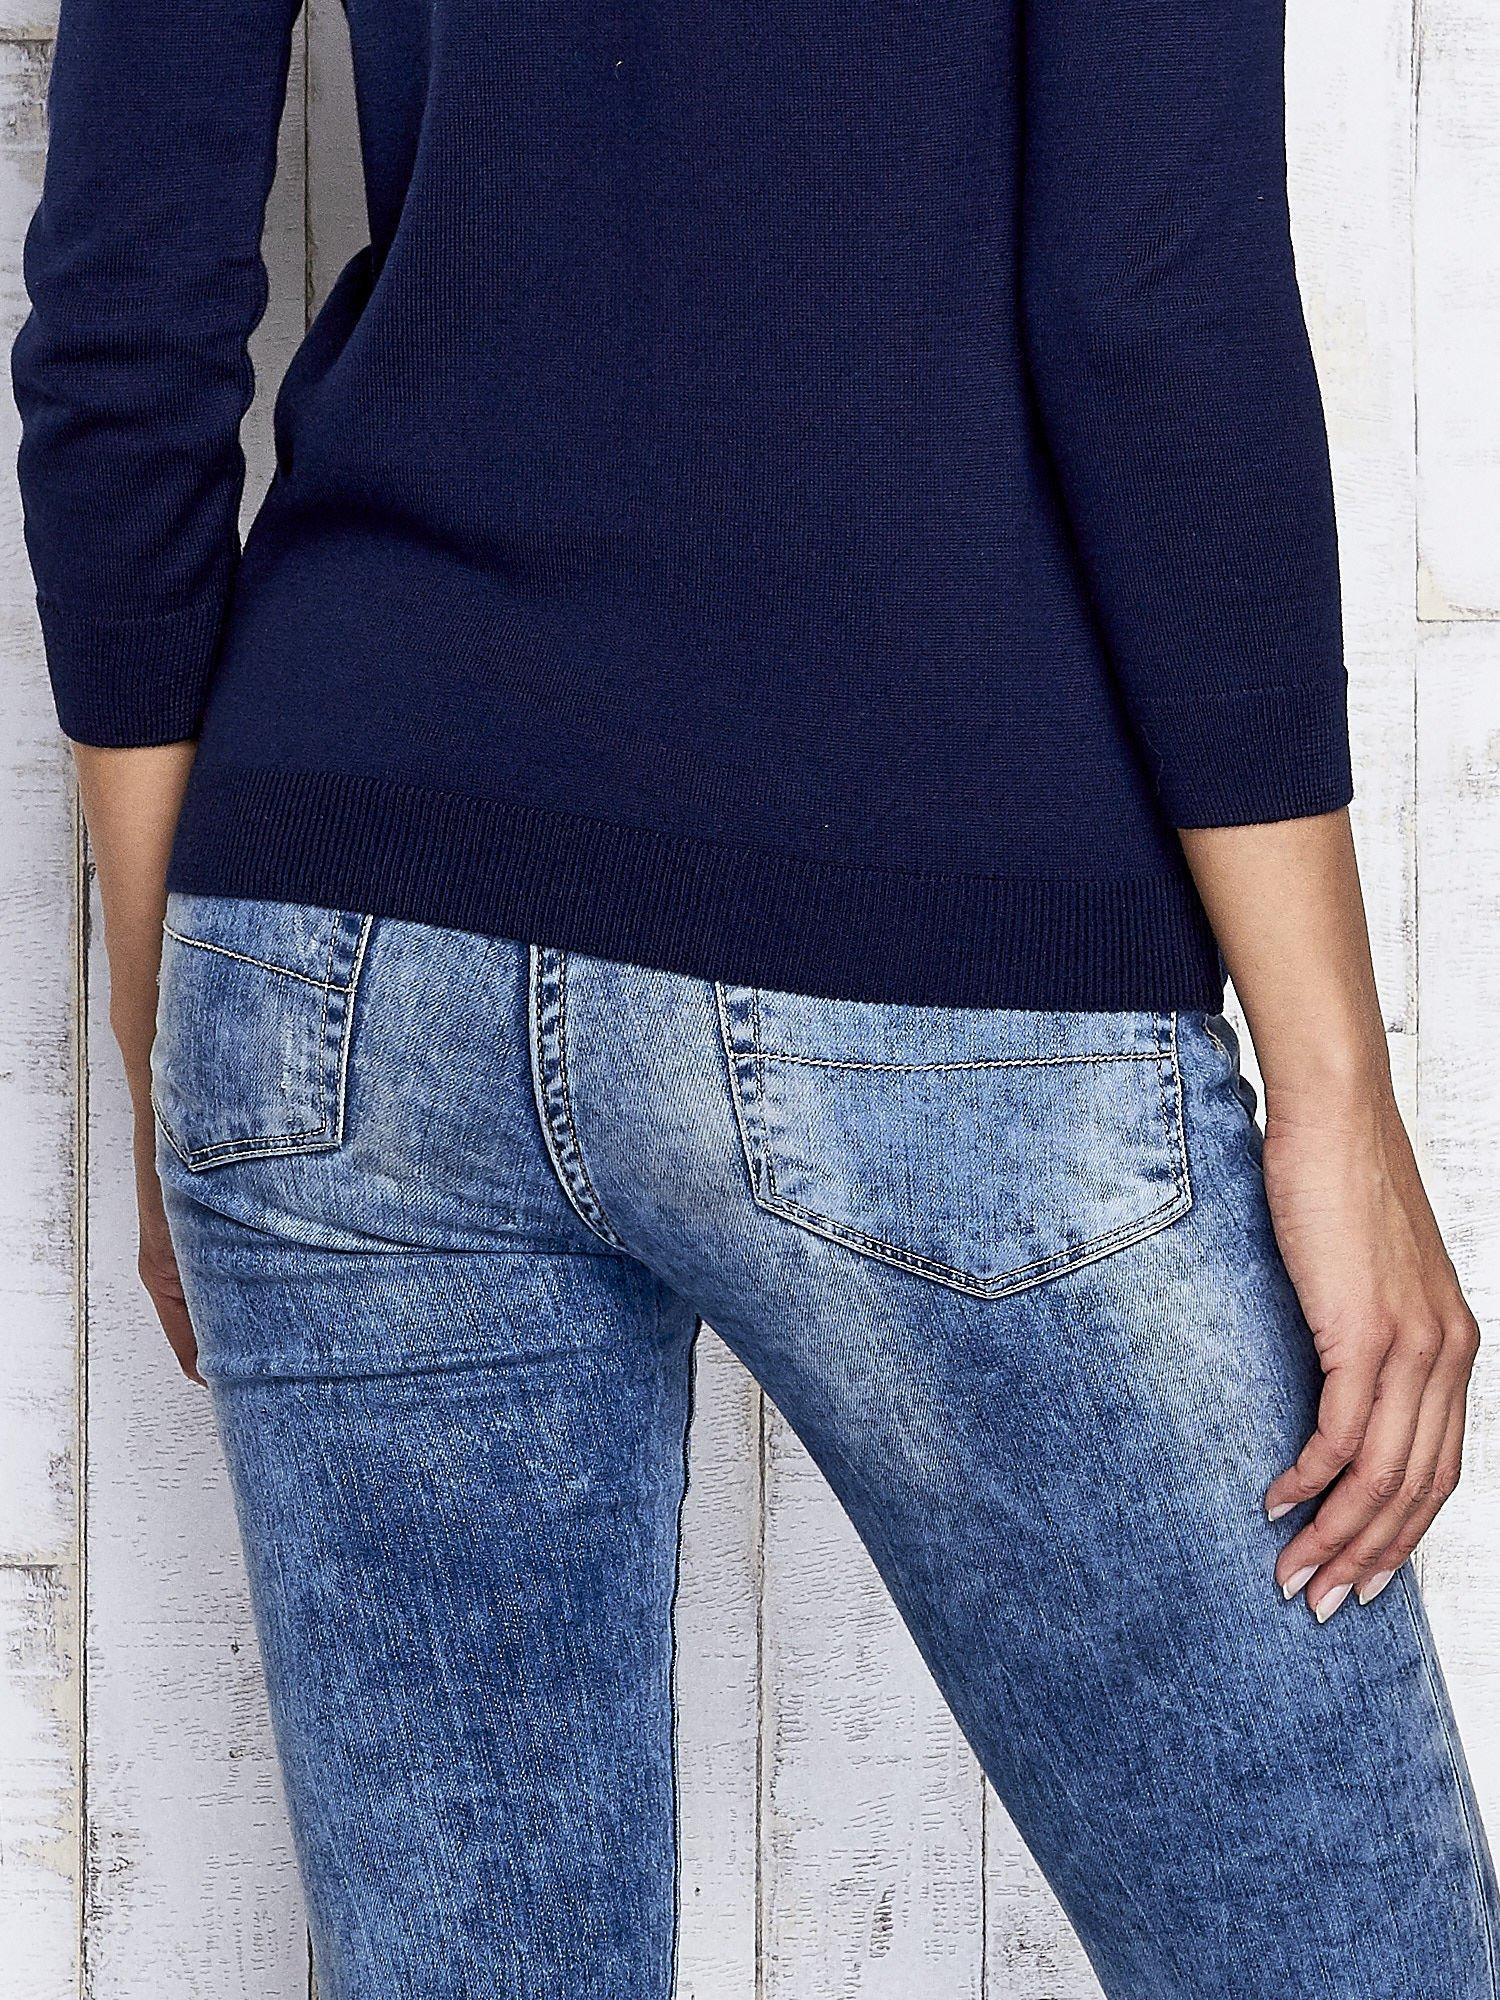 Granatowy kwiatowy sweter z łączonych materiałów                                  zdj.                                  5